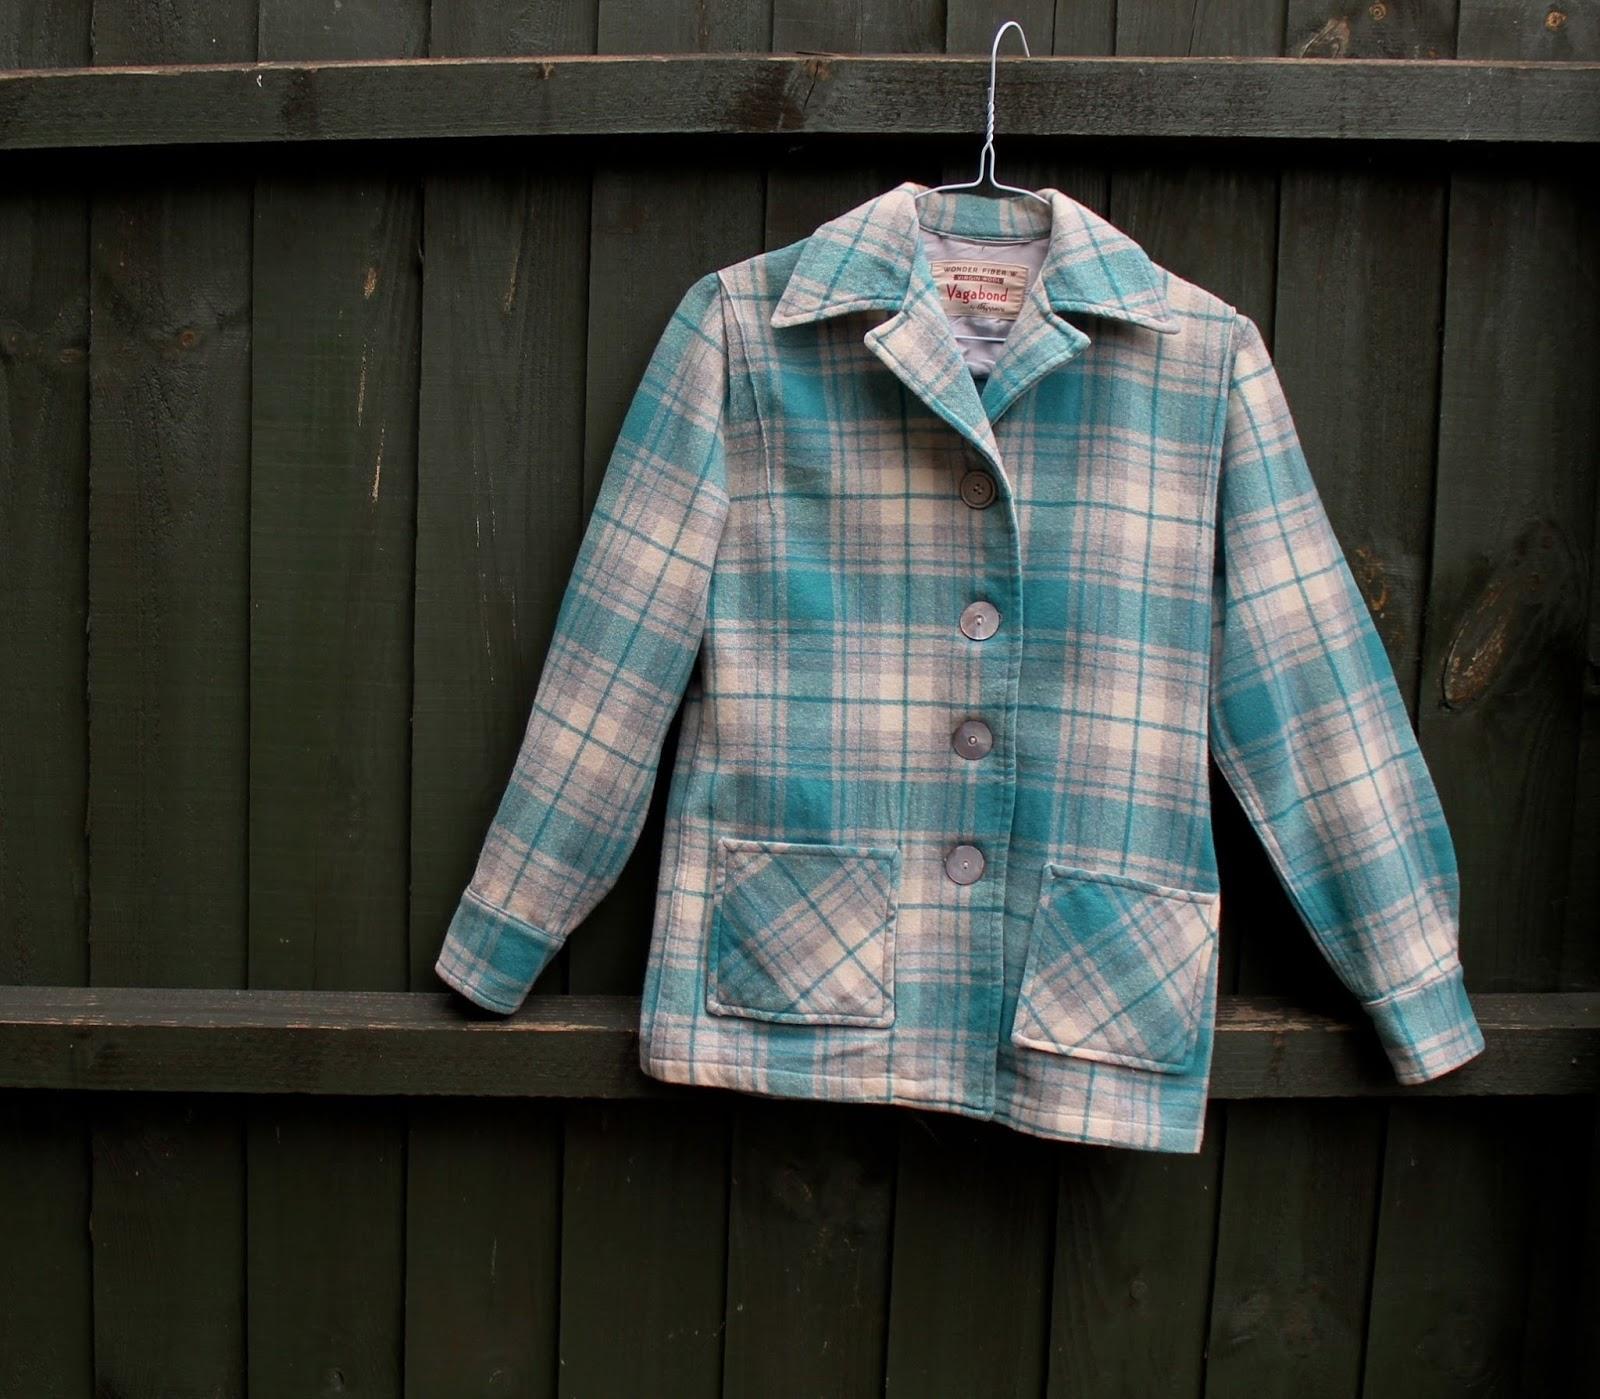 1950s Pendleton 49er style wool jacket